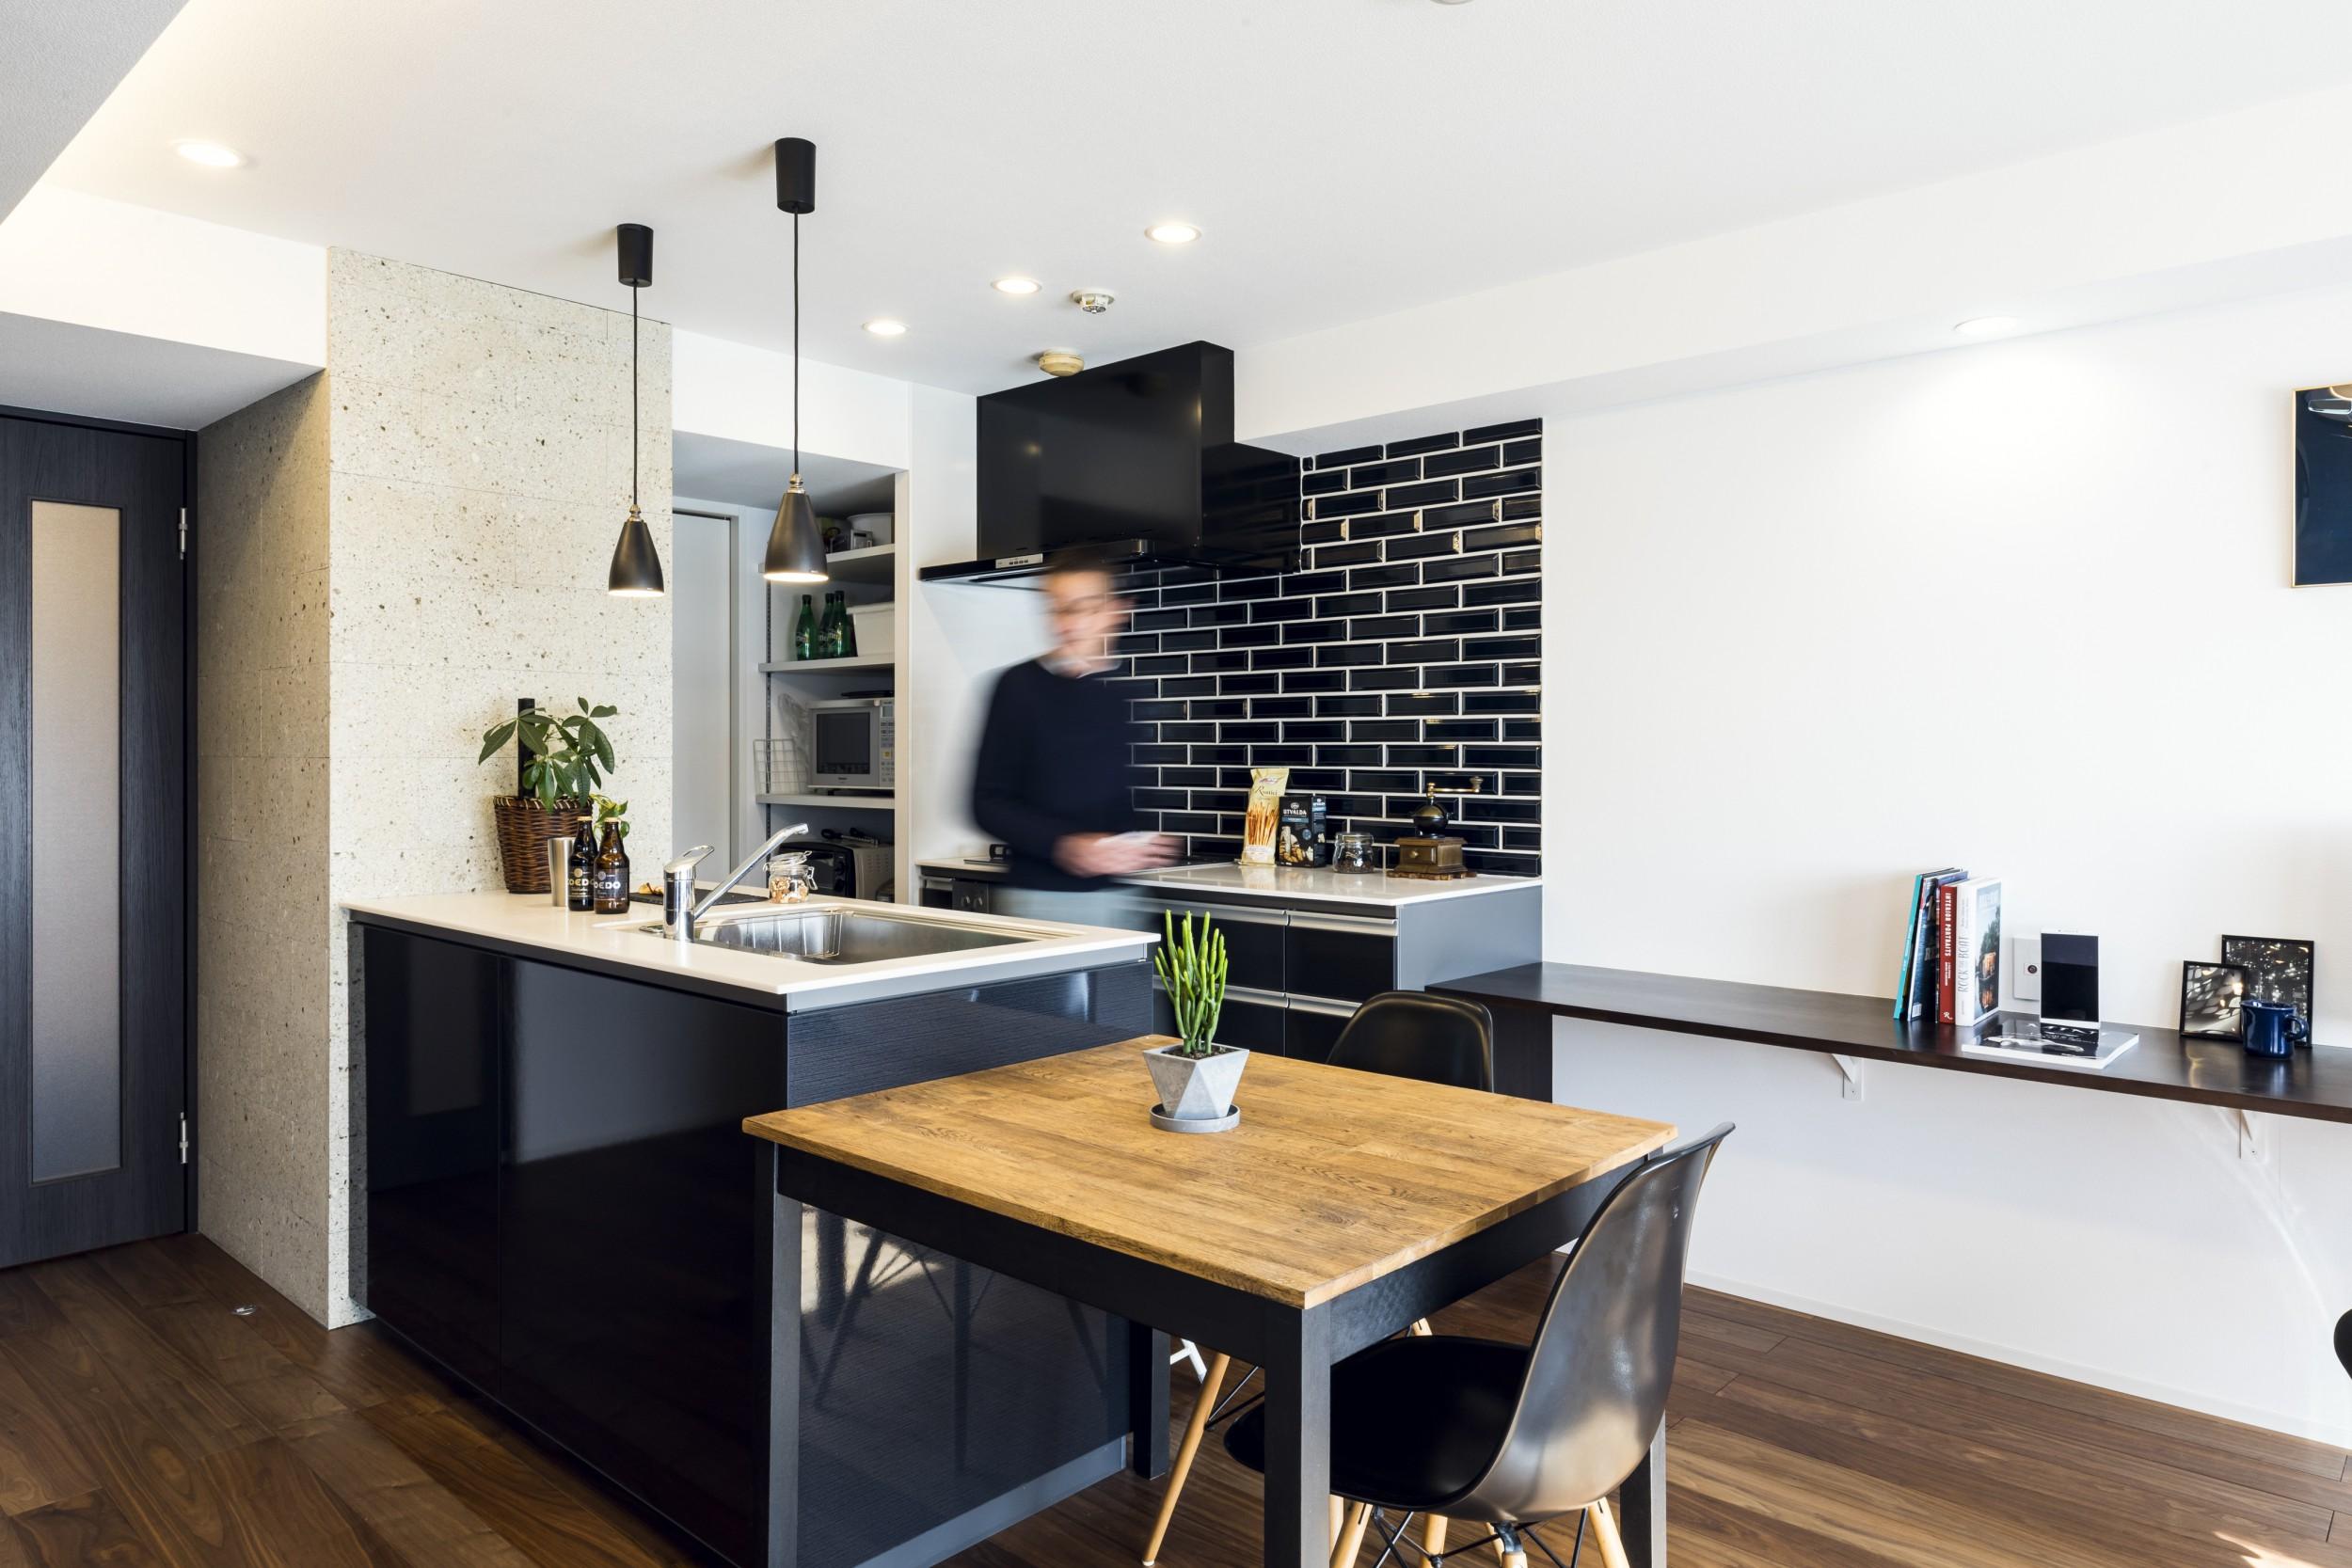 岐阜市の築20年のマンションリノベーション事例のダイニングキッチン